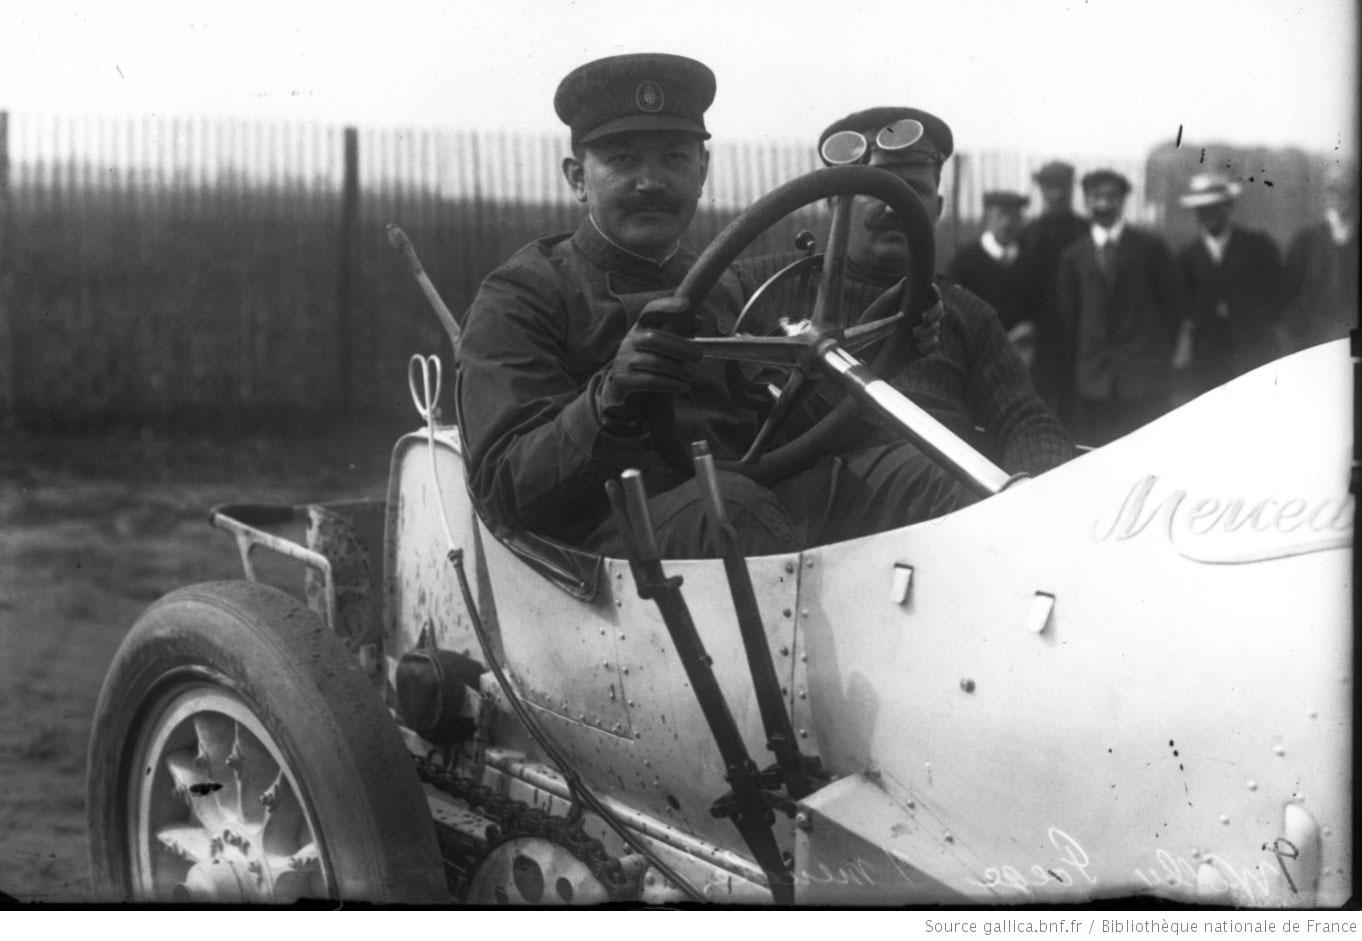 Pöge 1908 in seinem französischen Dieppe-Wagen